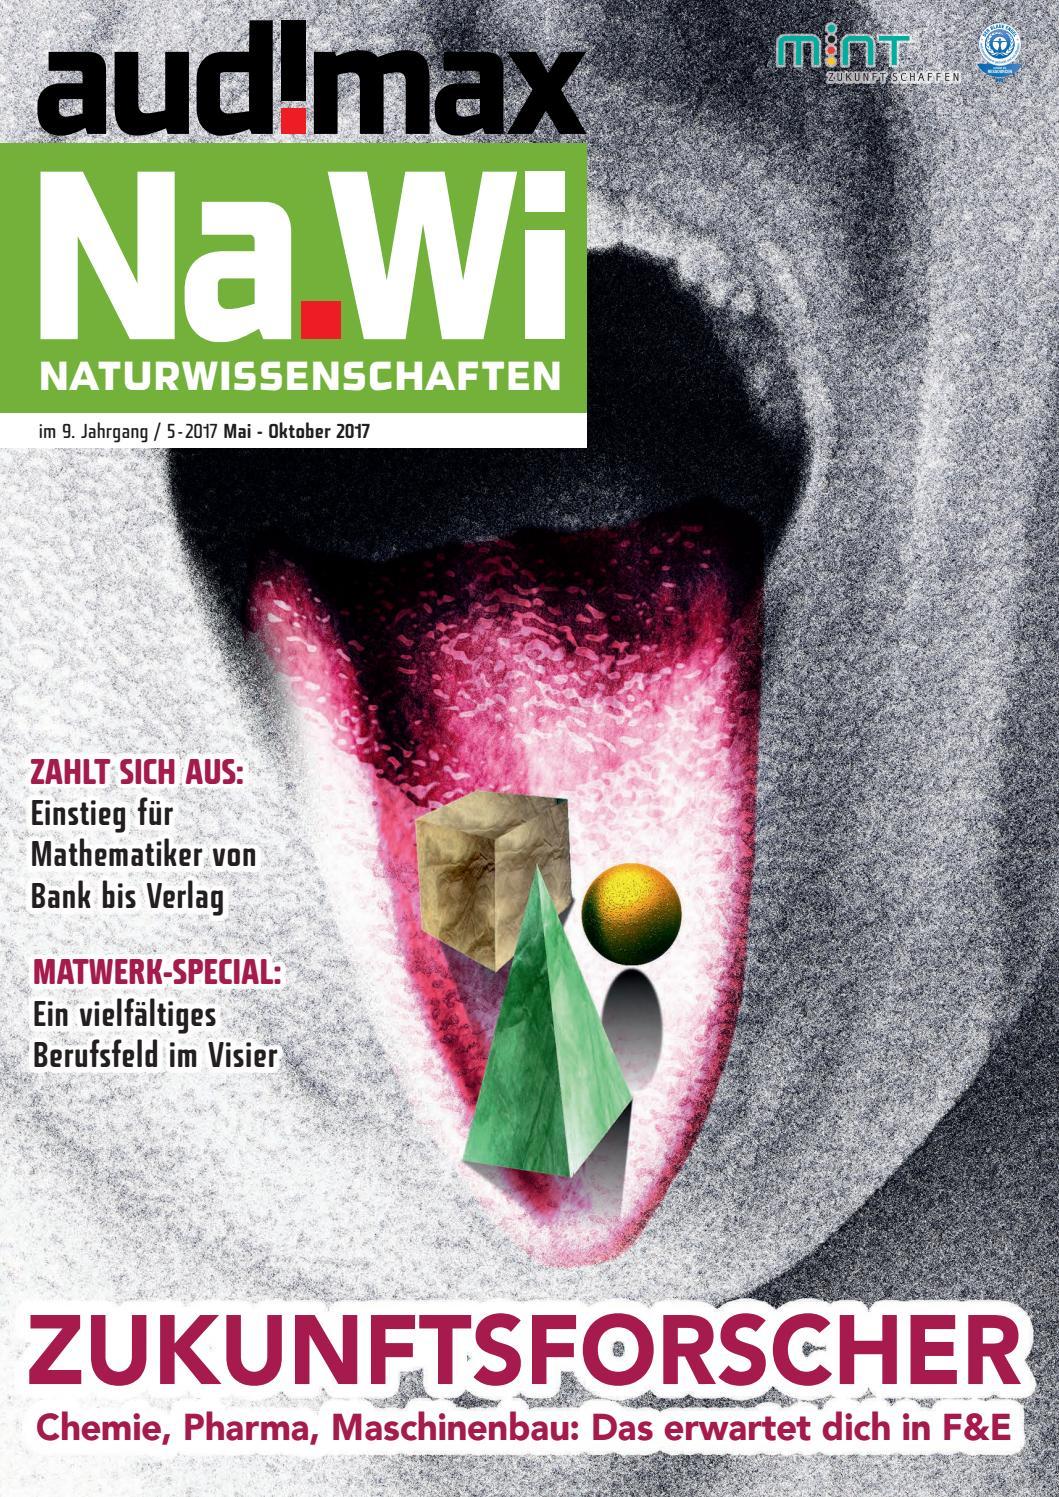 audimax Na.Wi 05.2017: Das Karrieremagazin für Naturwissenschaften ...